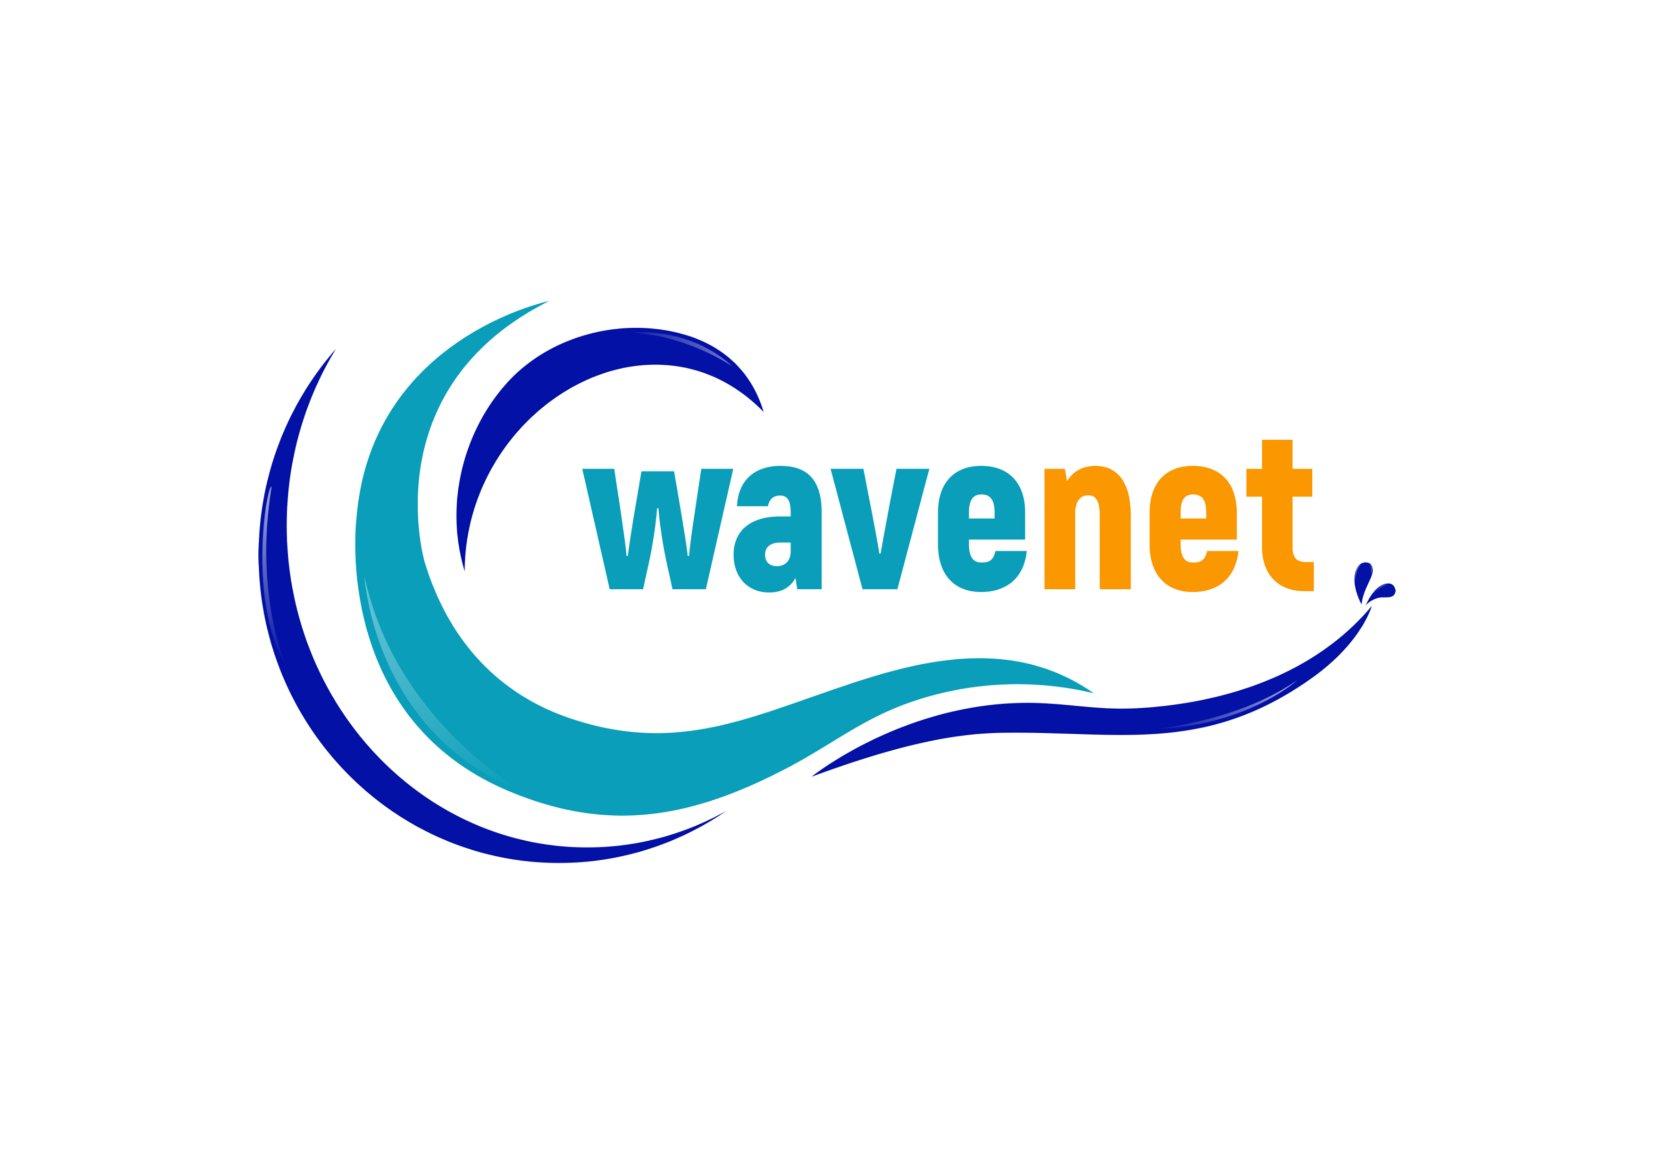 wavenet-logo